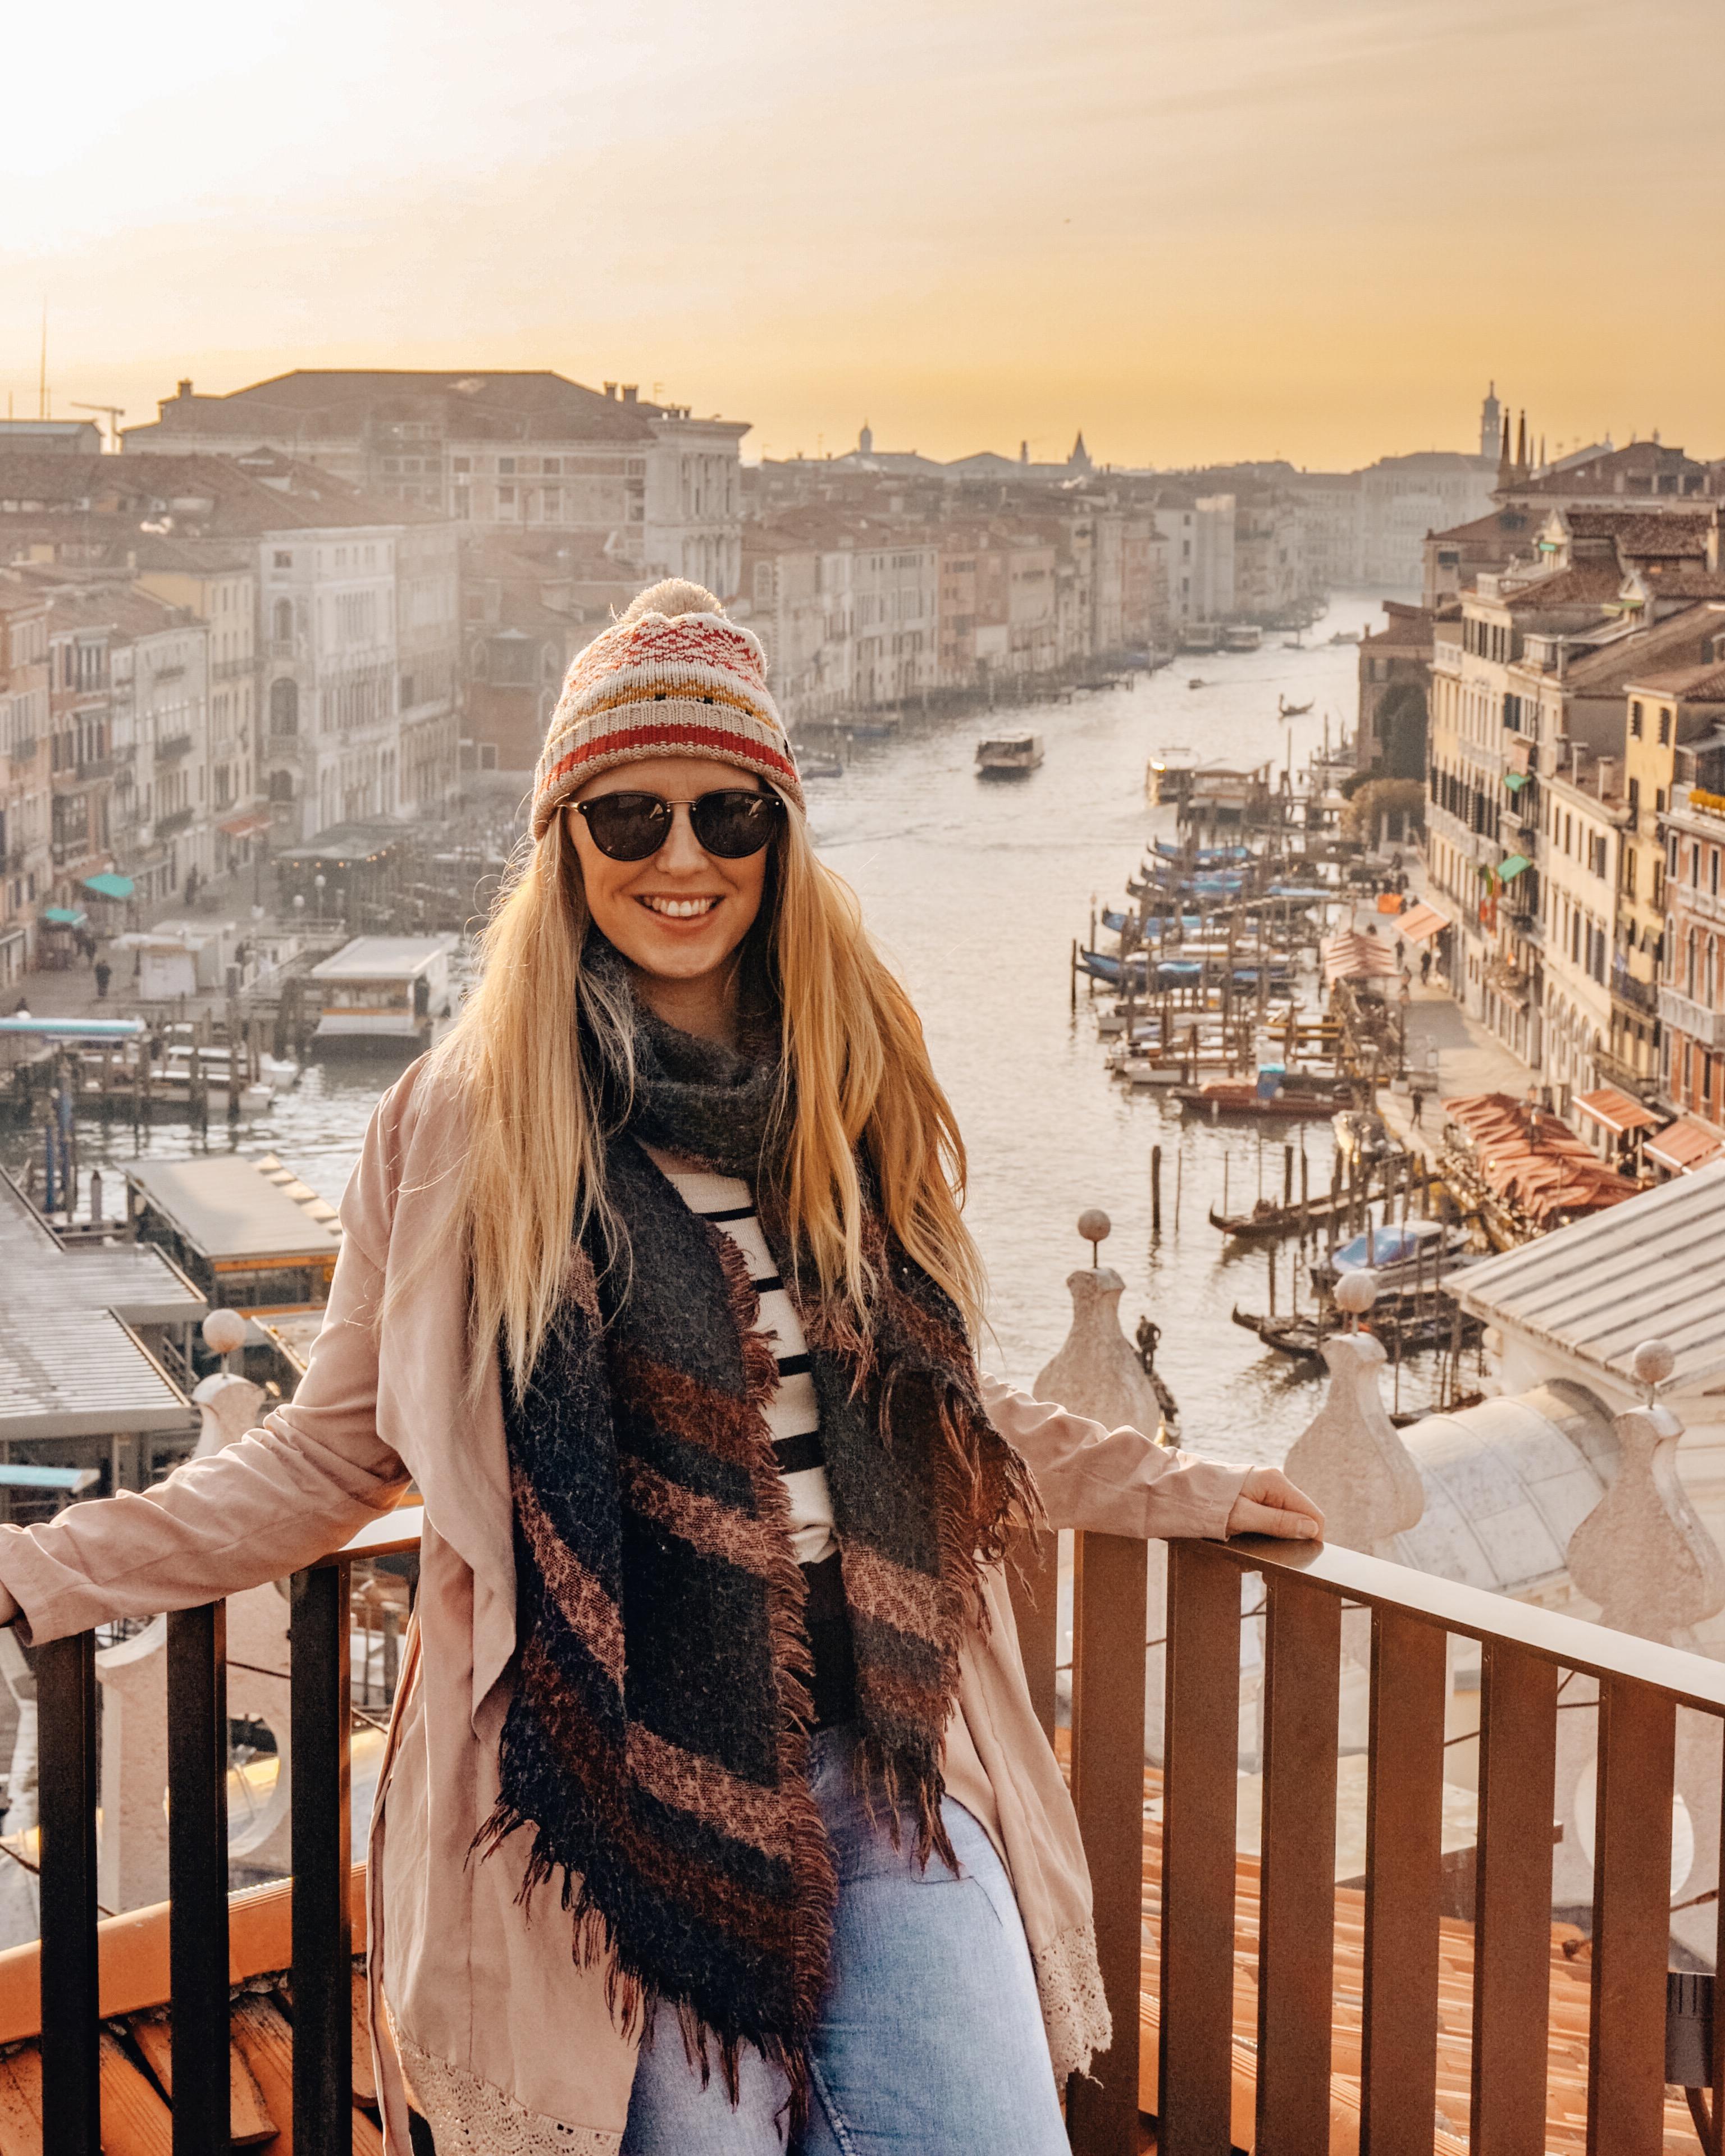 Fondaco Dei Tedeschi Viewpoint, Venice